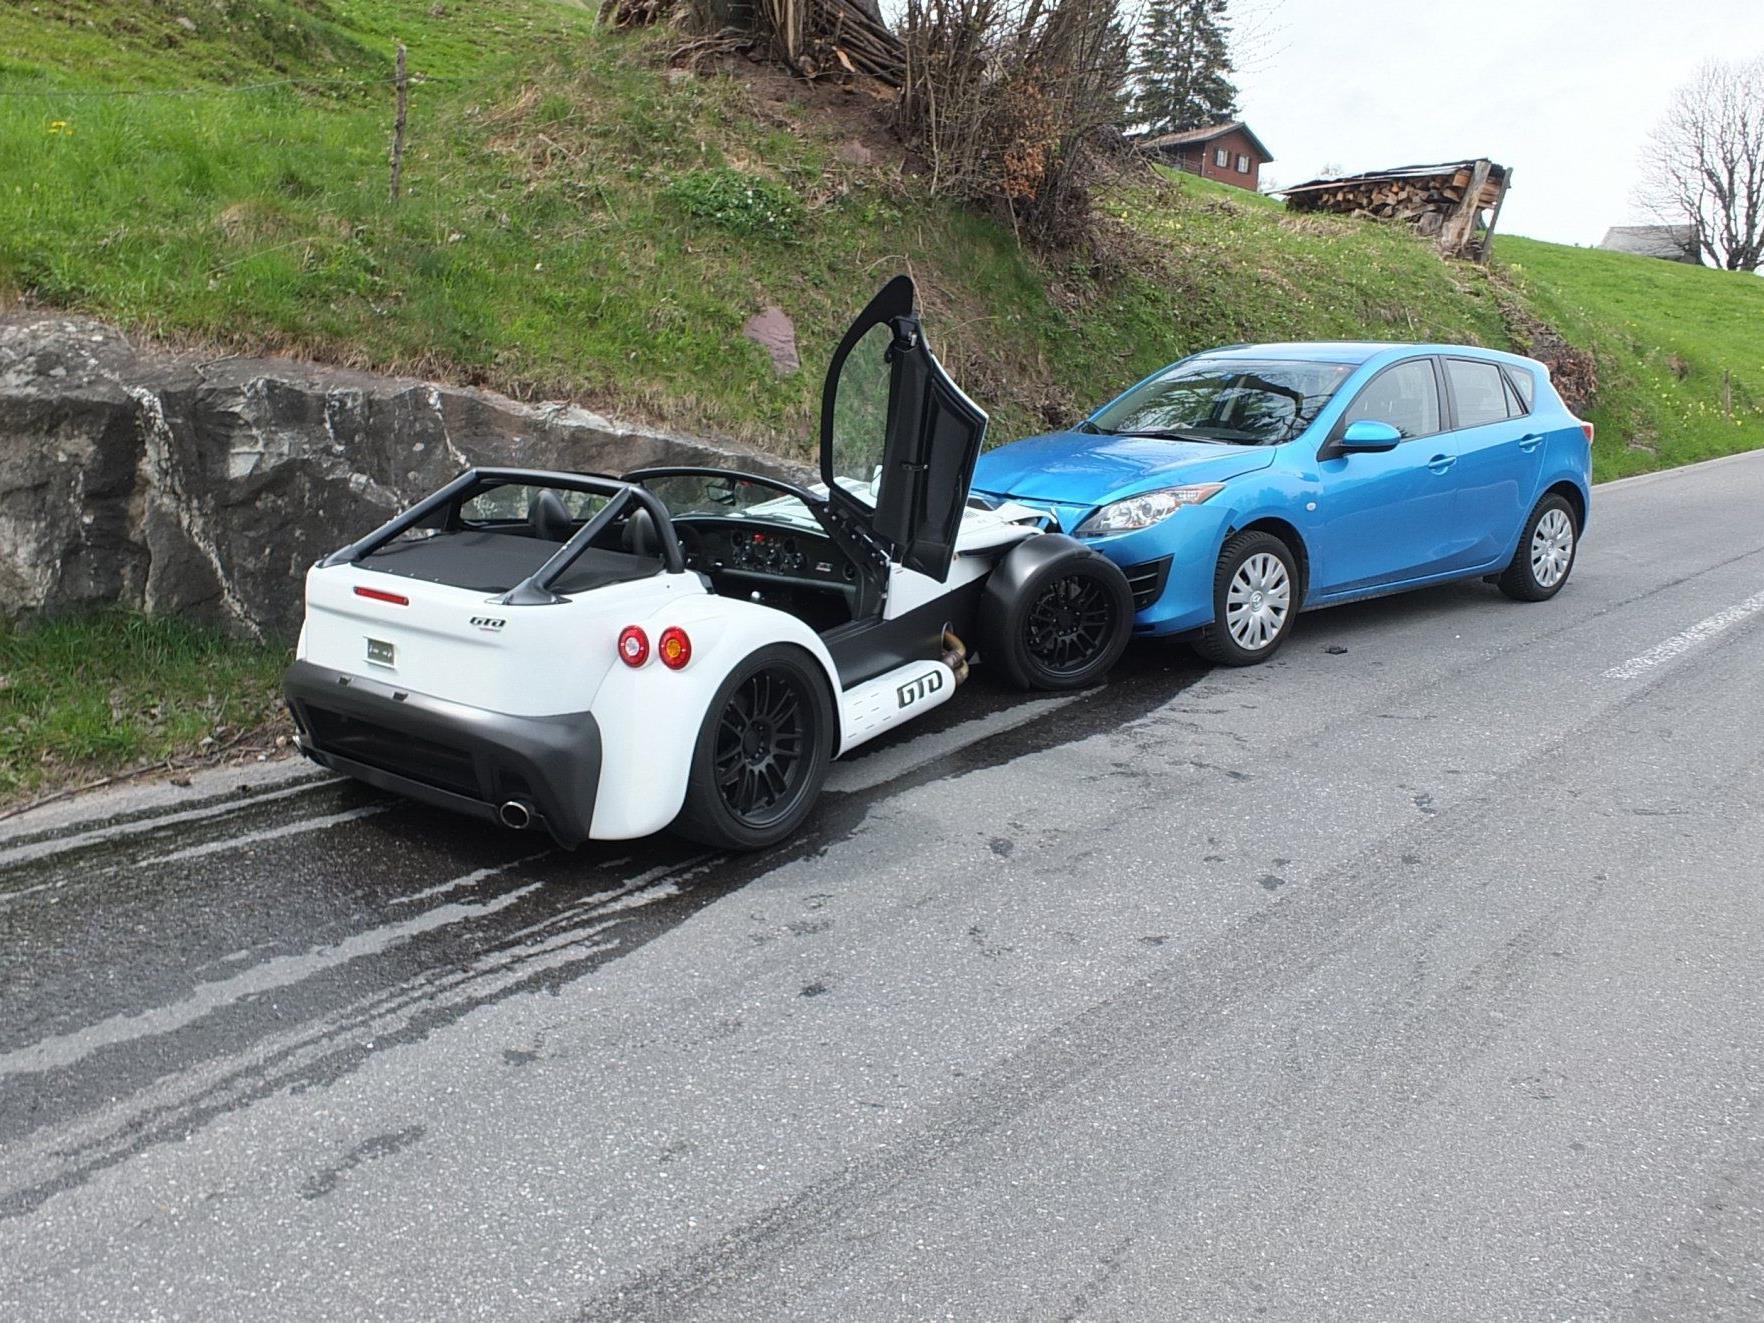 Neuer Sportwagen bei Kollision beschädigt